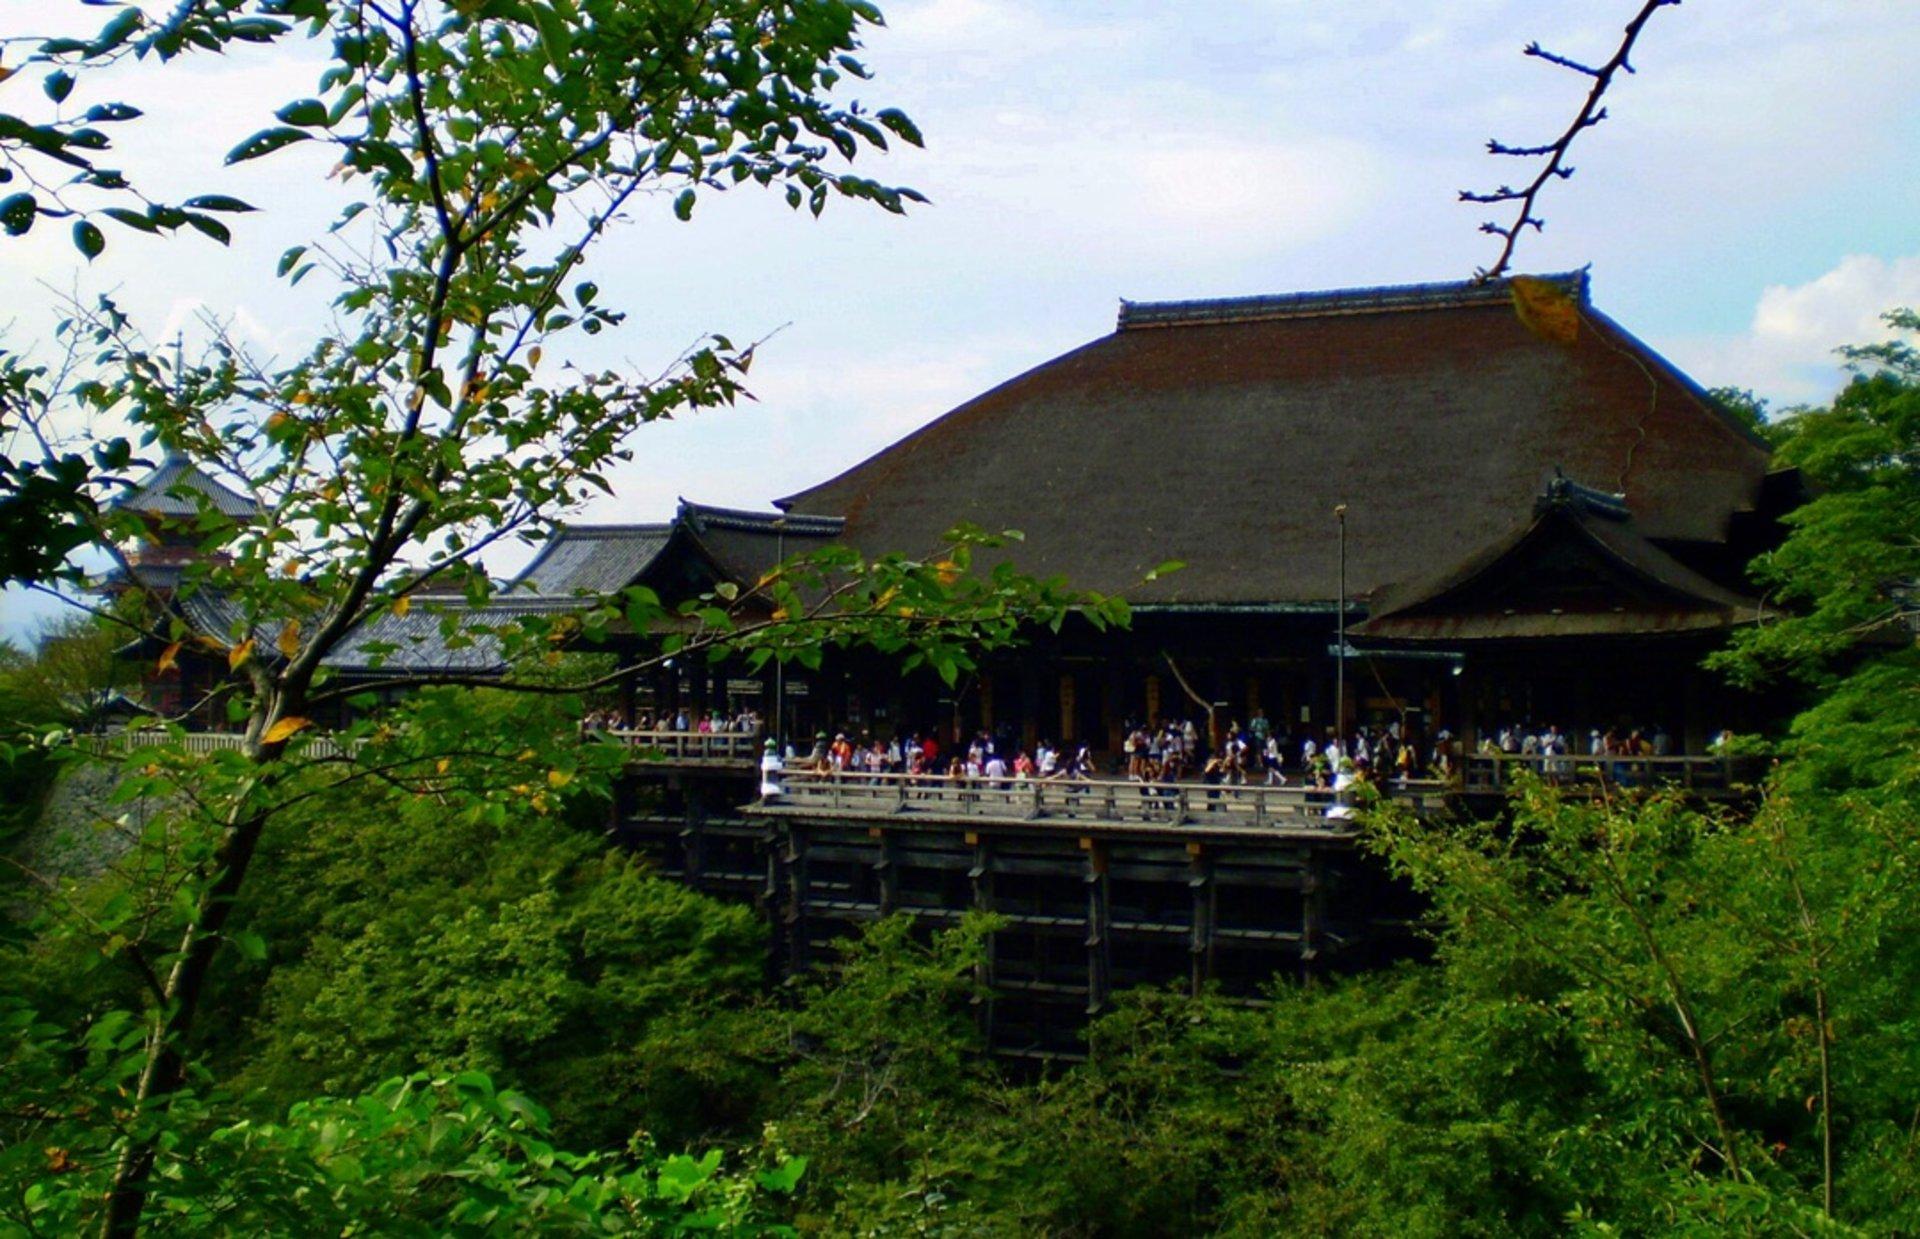 Cảnh đền chùa phía Đông Kyoto Thumbnail